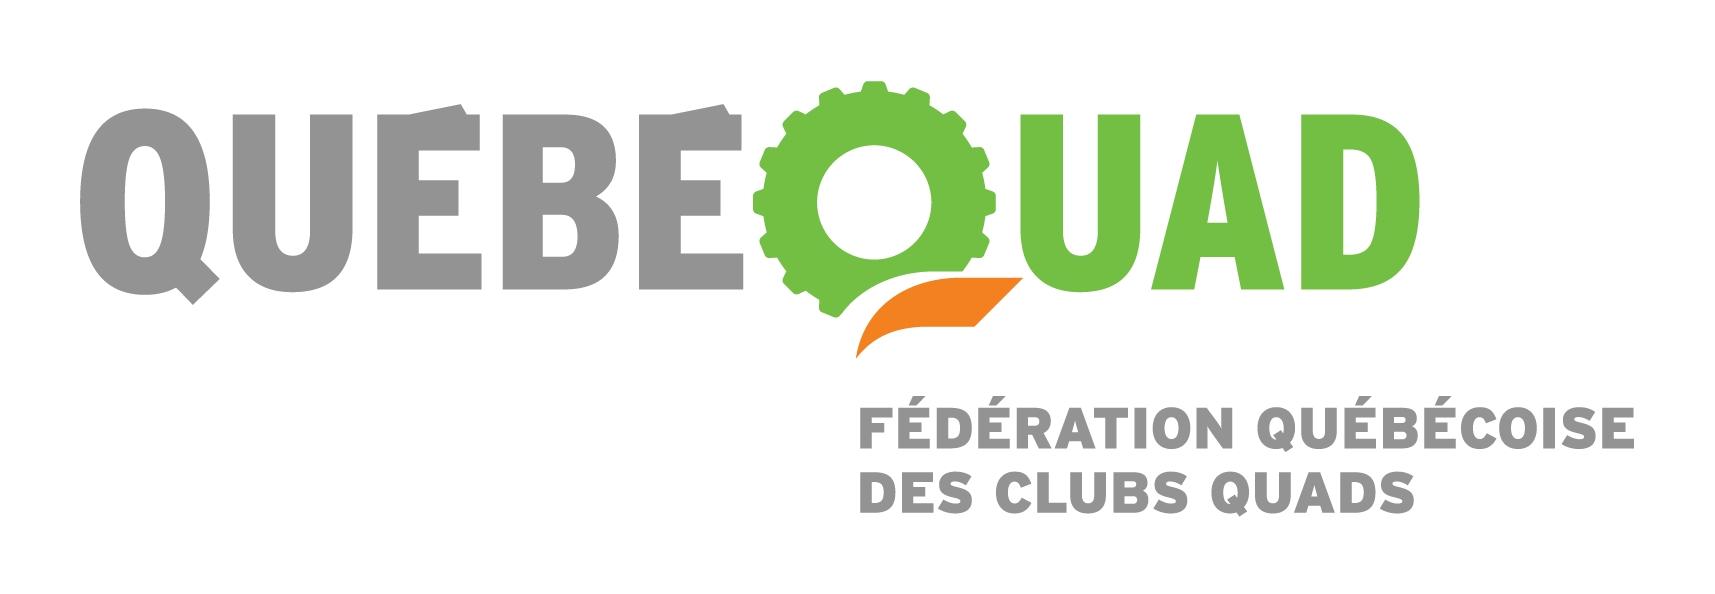 Episode 1 Chibougamau - La Fédération Québécoise des Clubs Quads